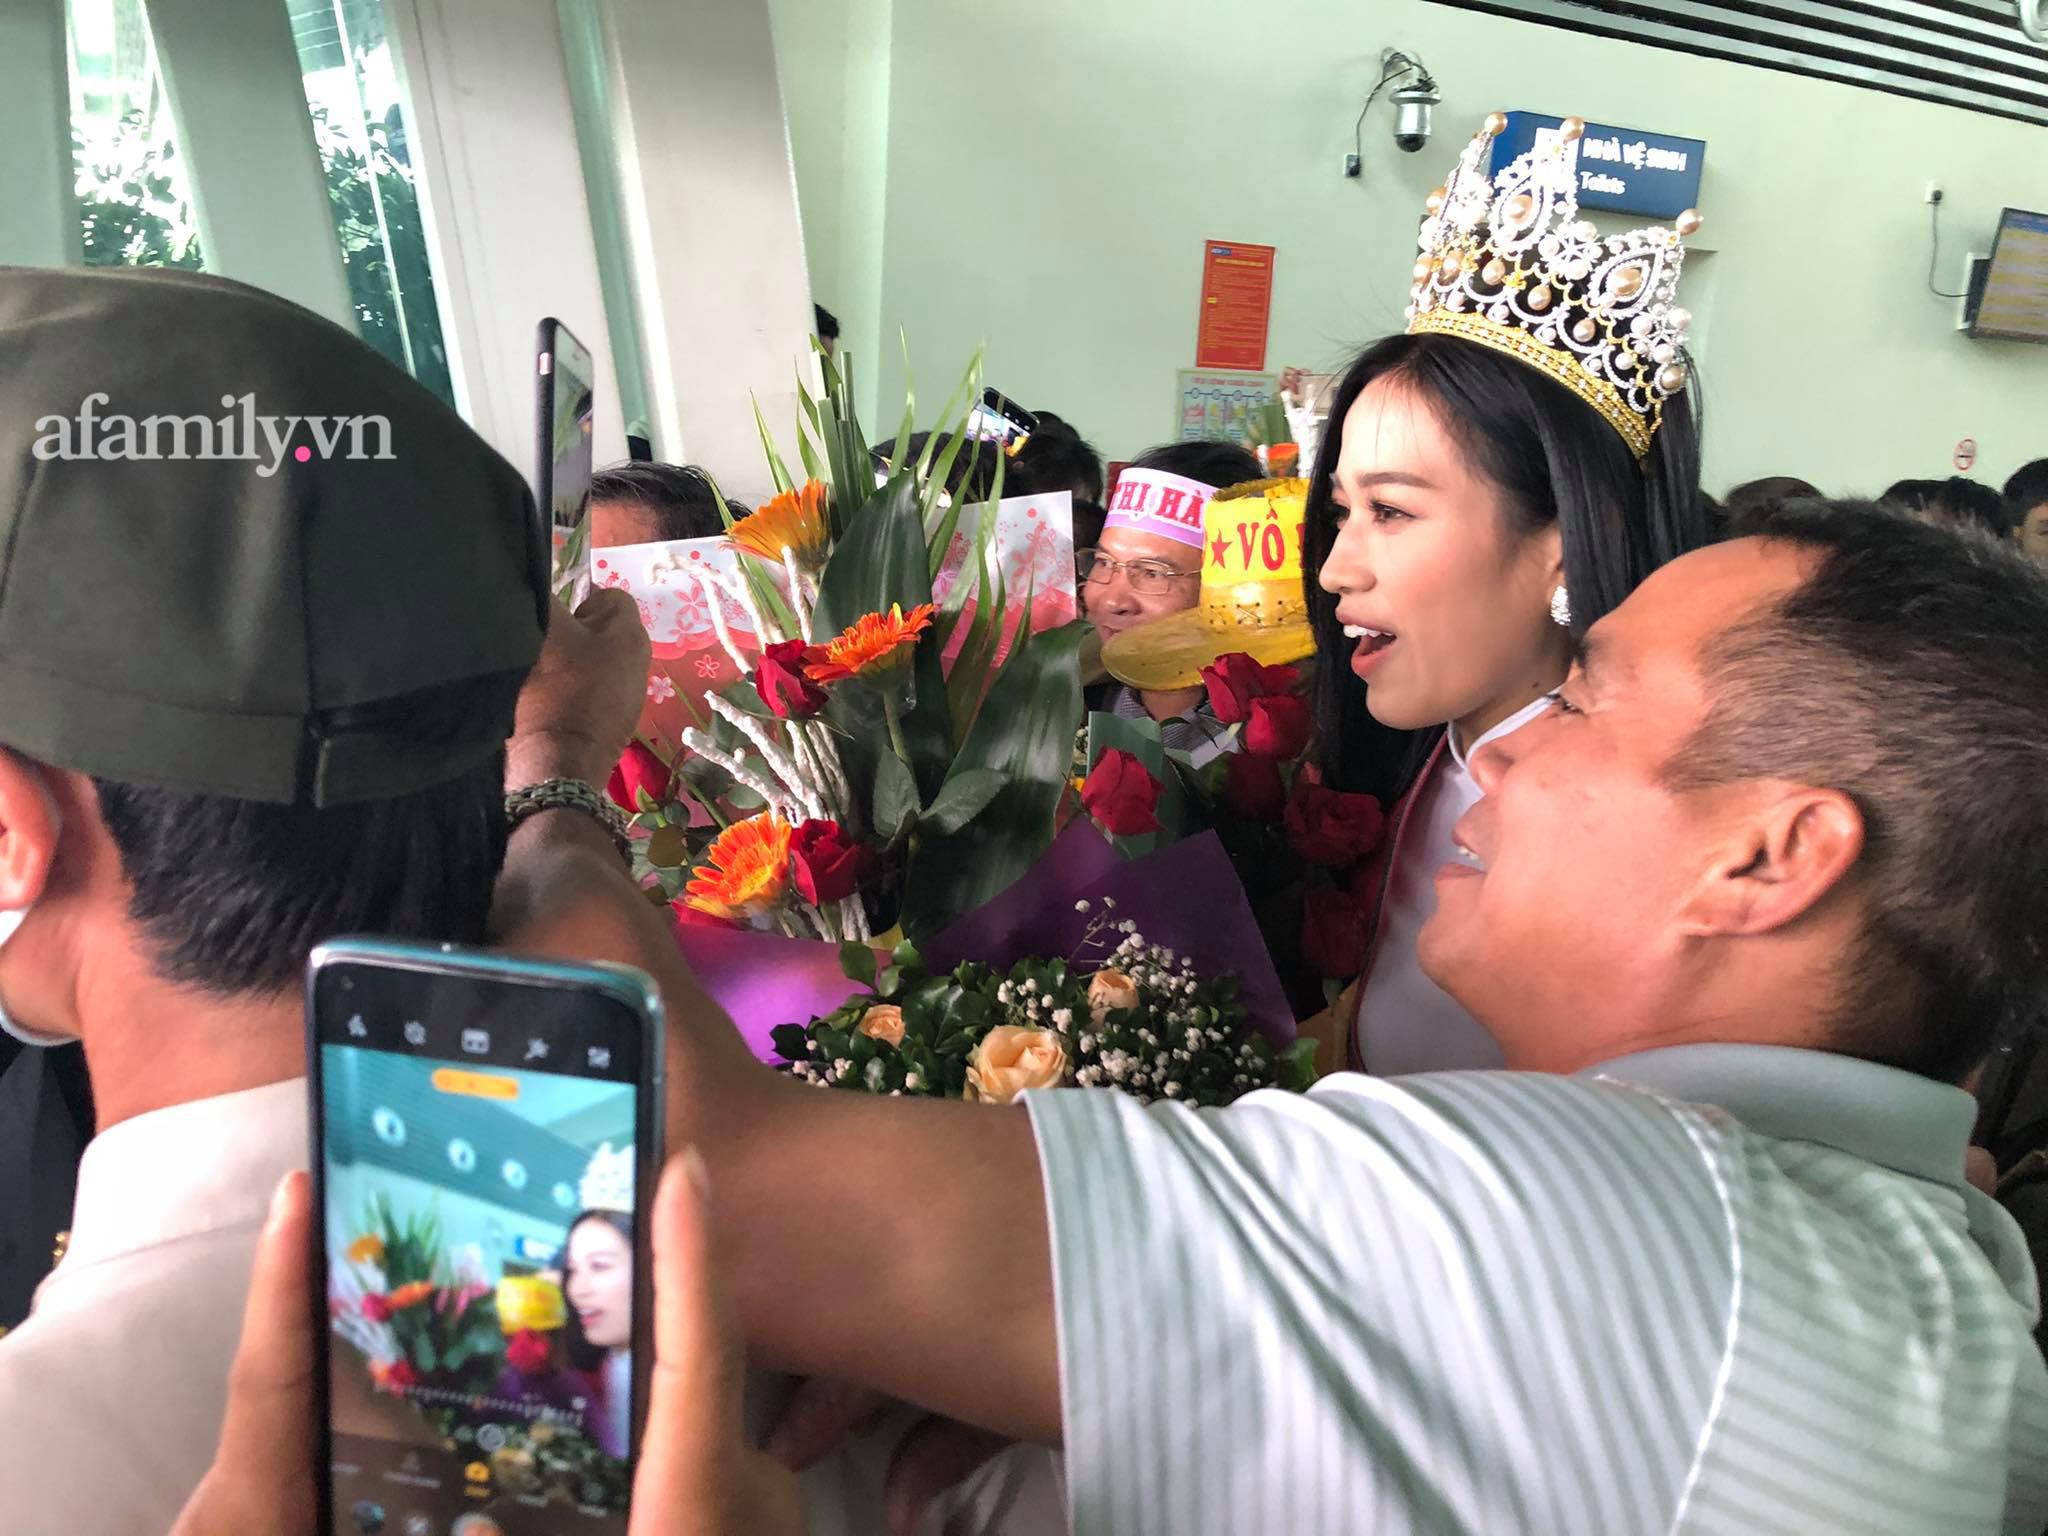 HOT: Tân Hoa hậu Việt Nam 2020 Đỗ Thị Hà xuất hiện tại sân bay Thanh Hóa trong vòng tay chào đón của gia đình và bạn bè - Ảnh 2.